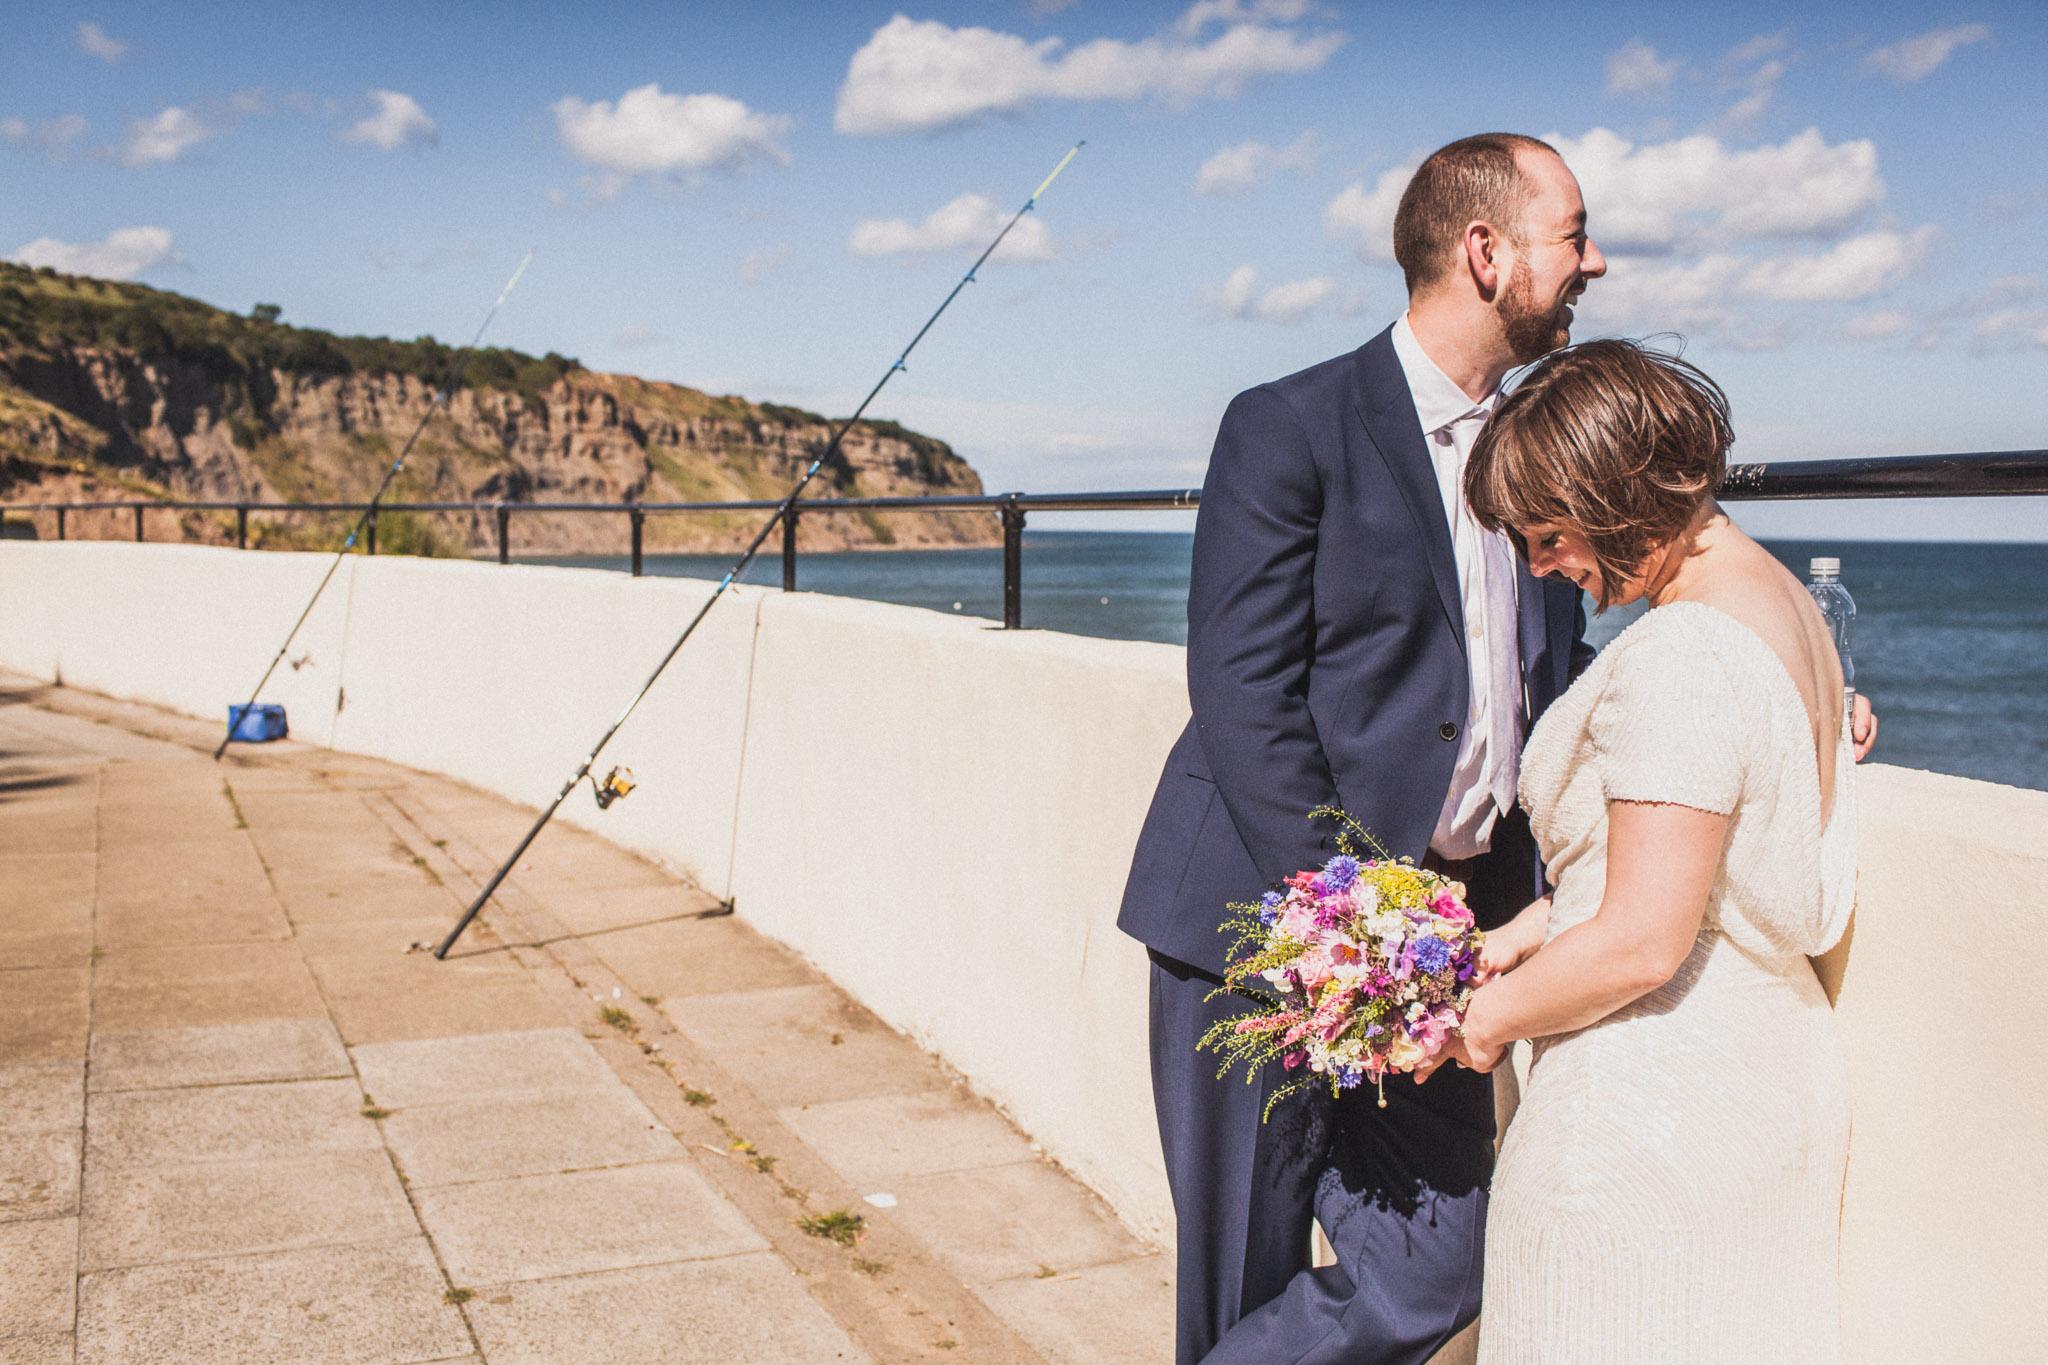 wedding_robin_hoods_bay_whitby_066.jpg